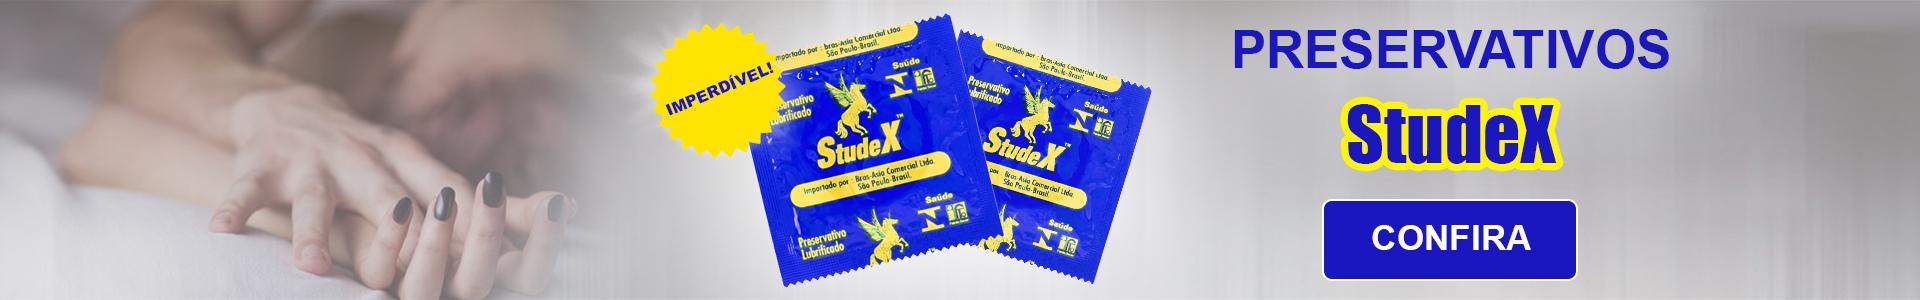 Produto CiaSex Preservativos Studex